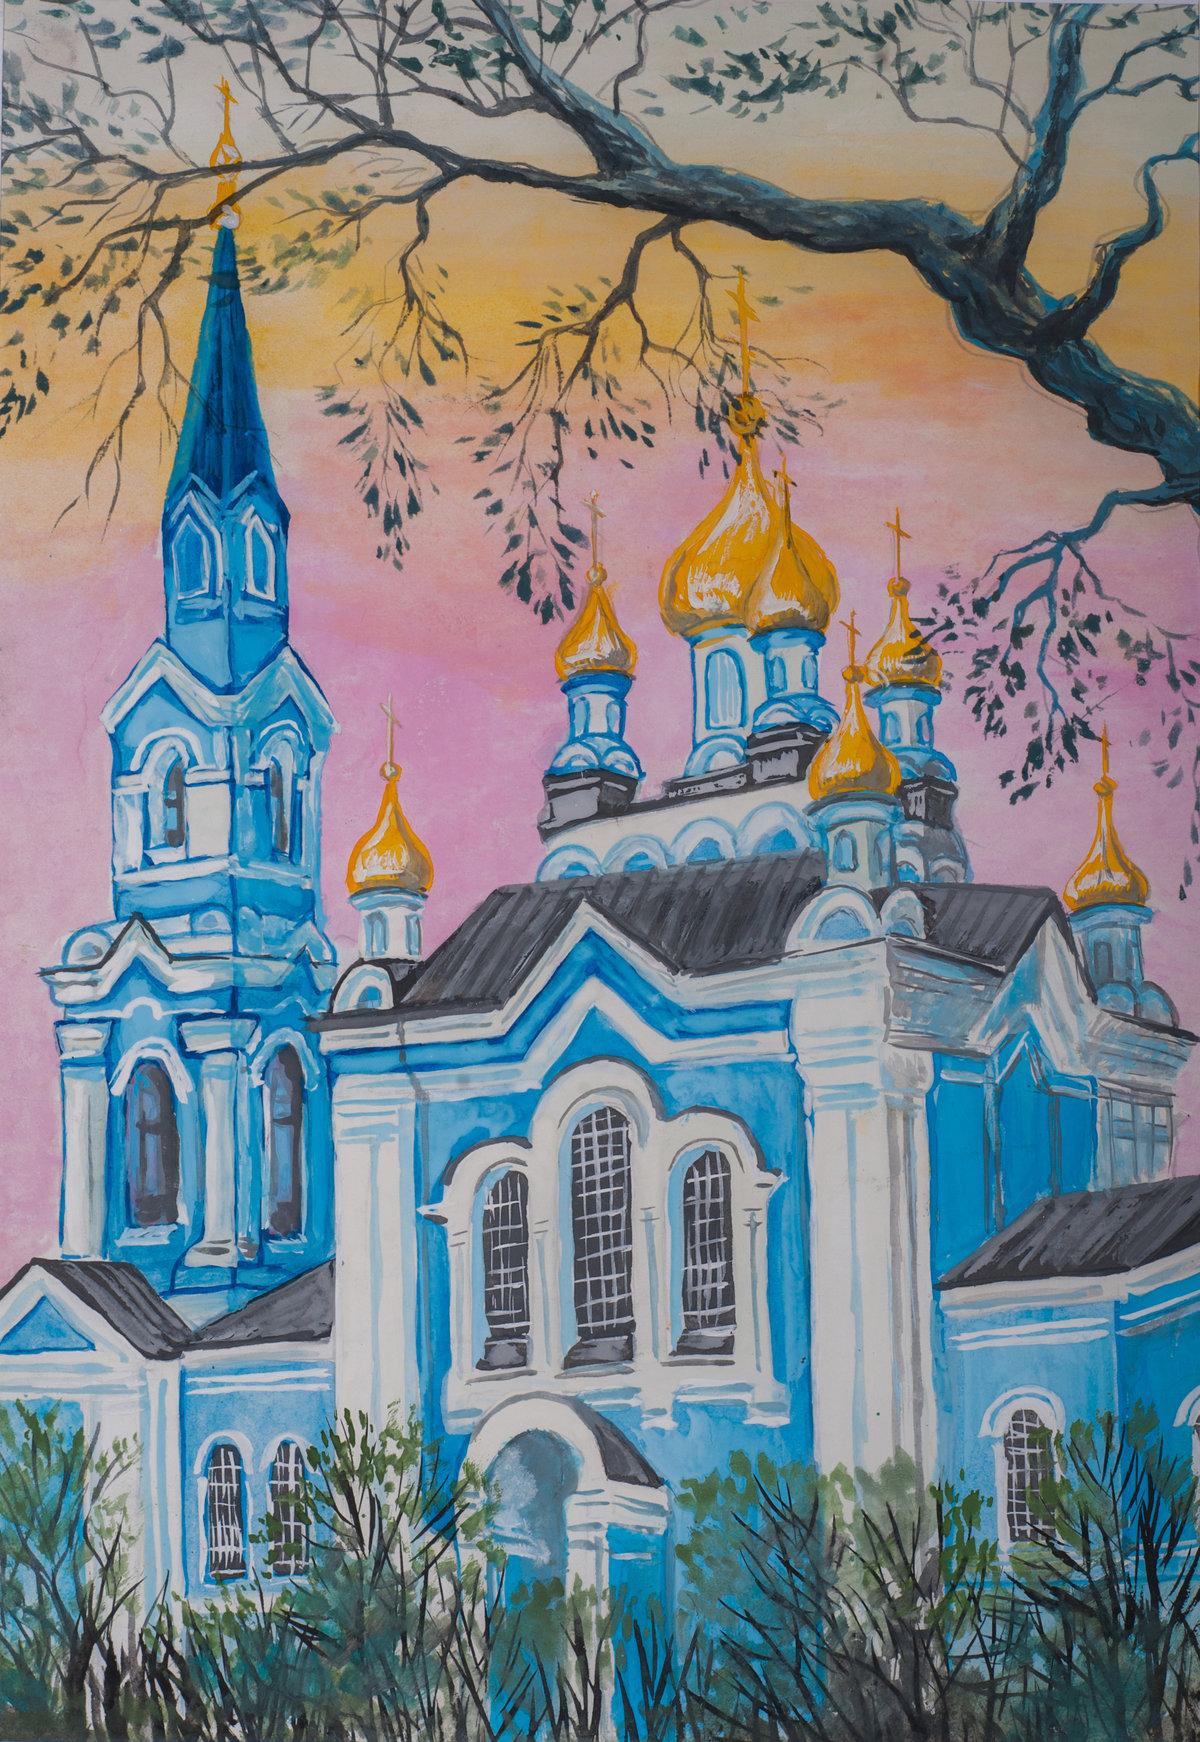 Картинки храмов для срисовки, поздравлениями